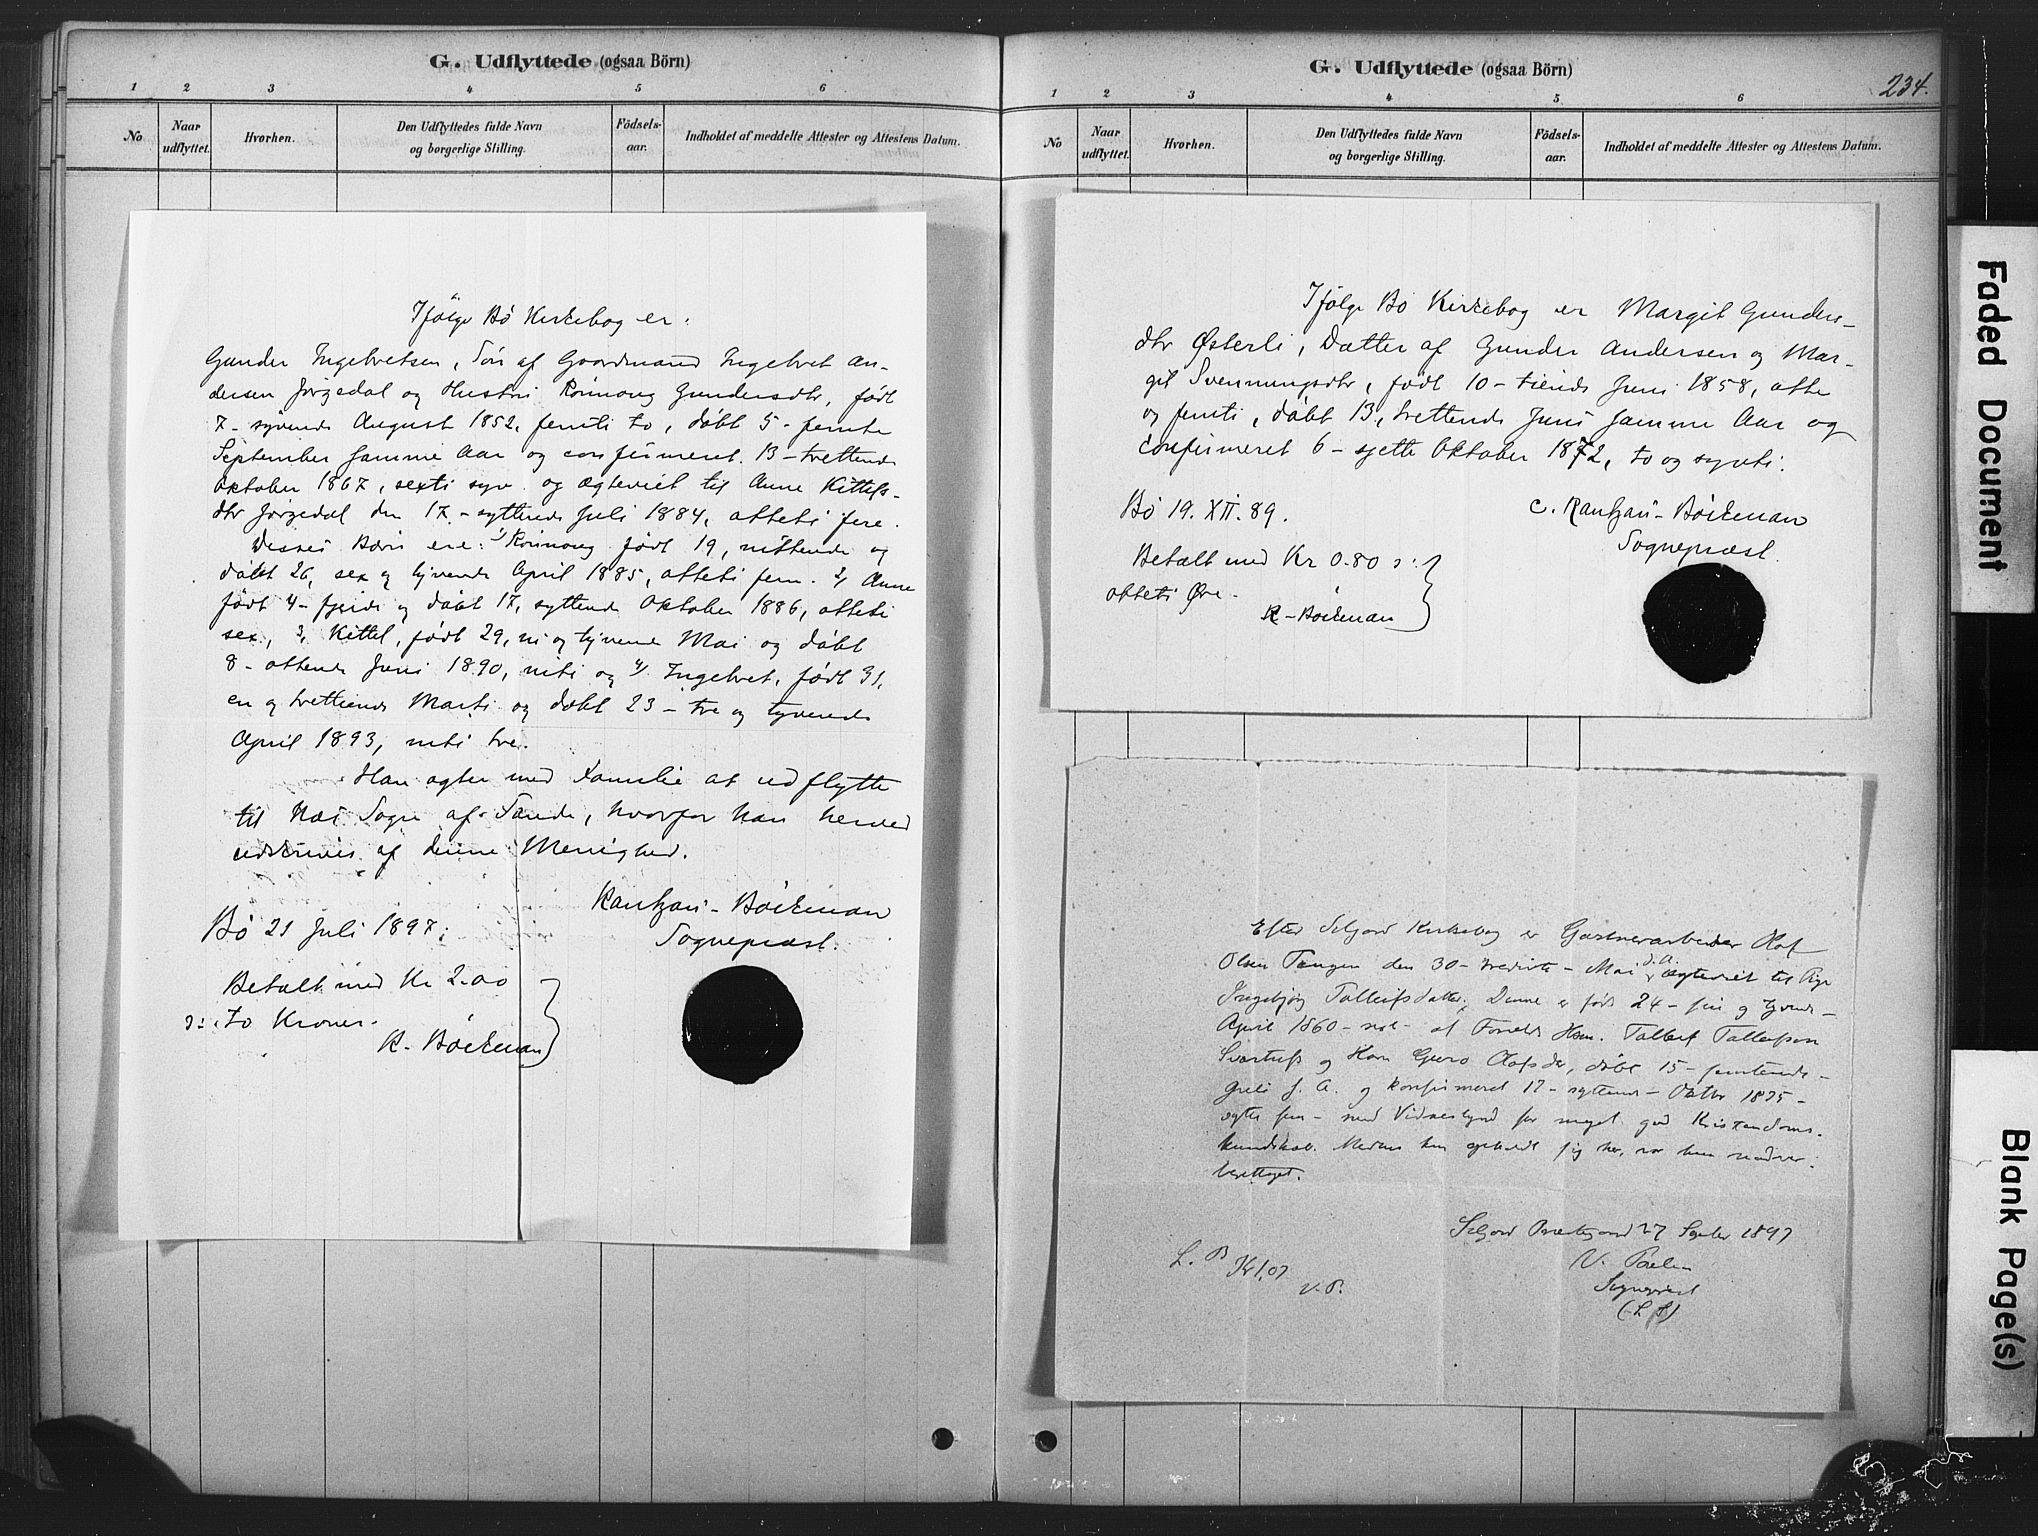 SAKO, Sauherad kirkebøker, F/Fb/L0002: Ministerialbok nr. II 2, 1878-1901, s. 234